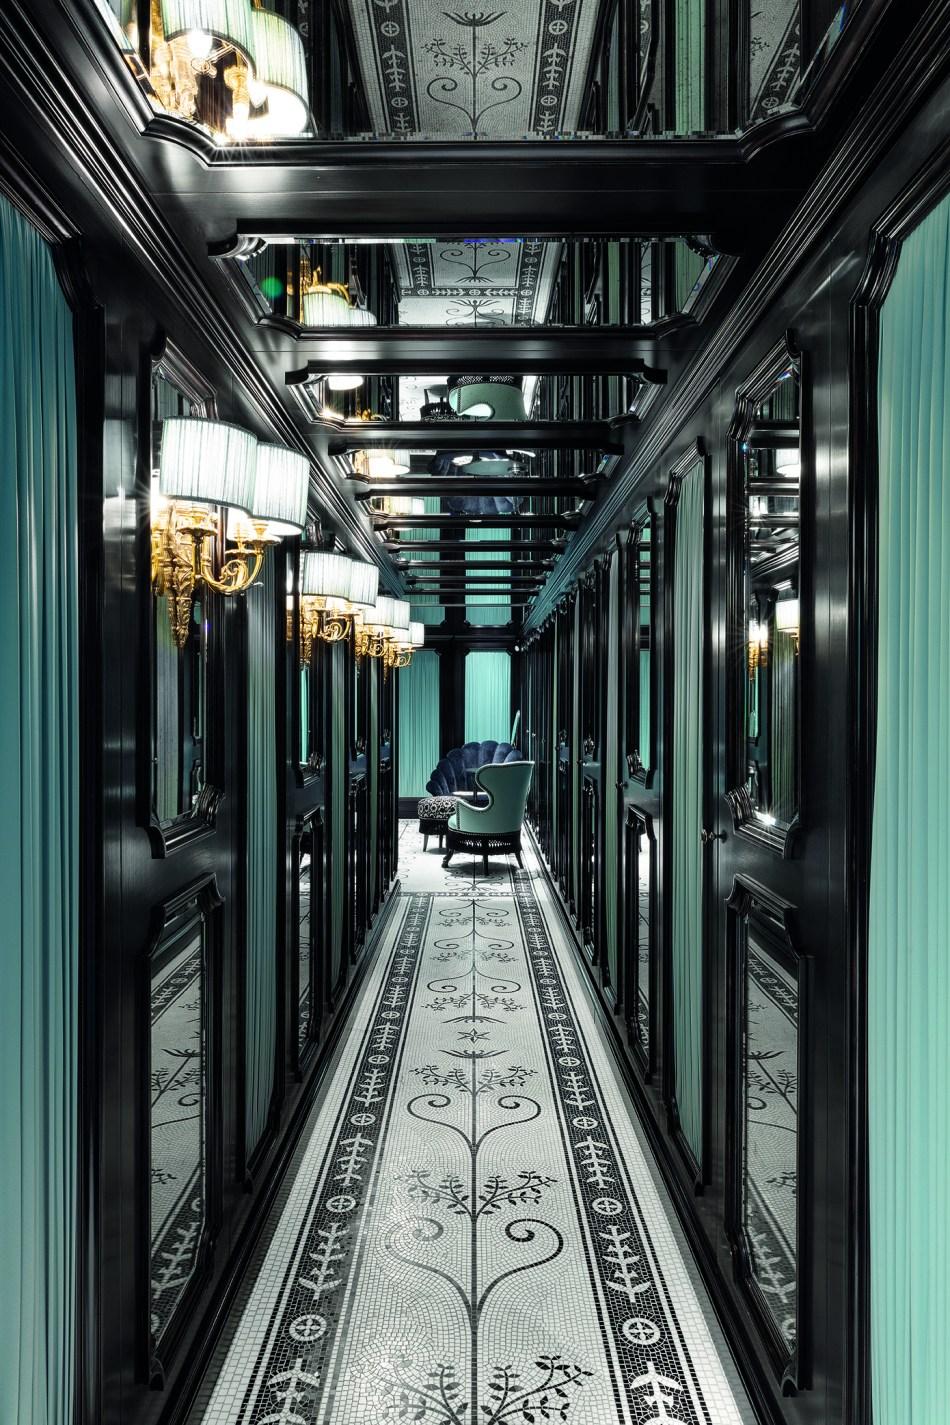 Gucci boutique in Place Vendôme Paris